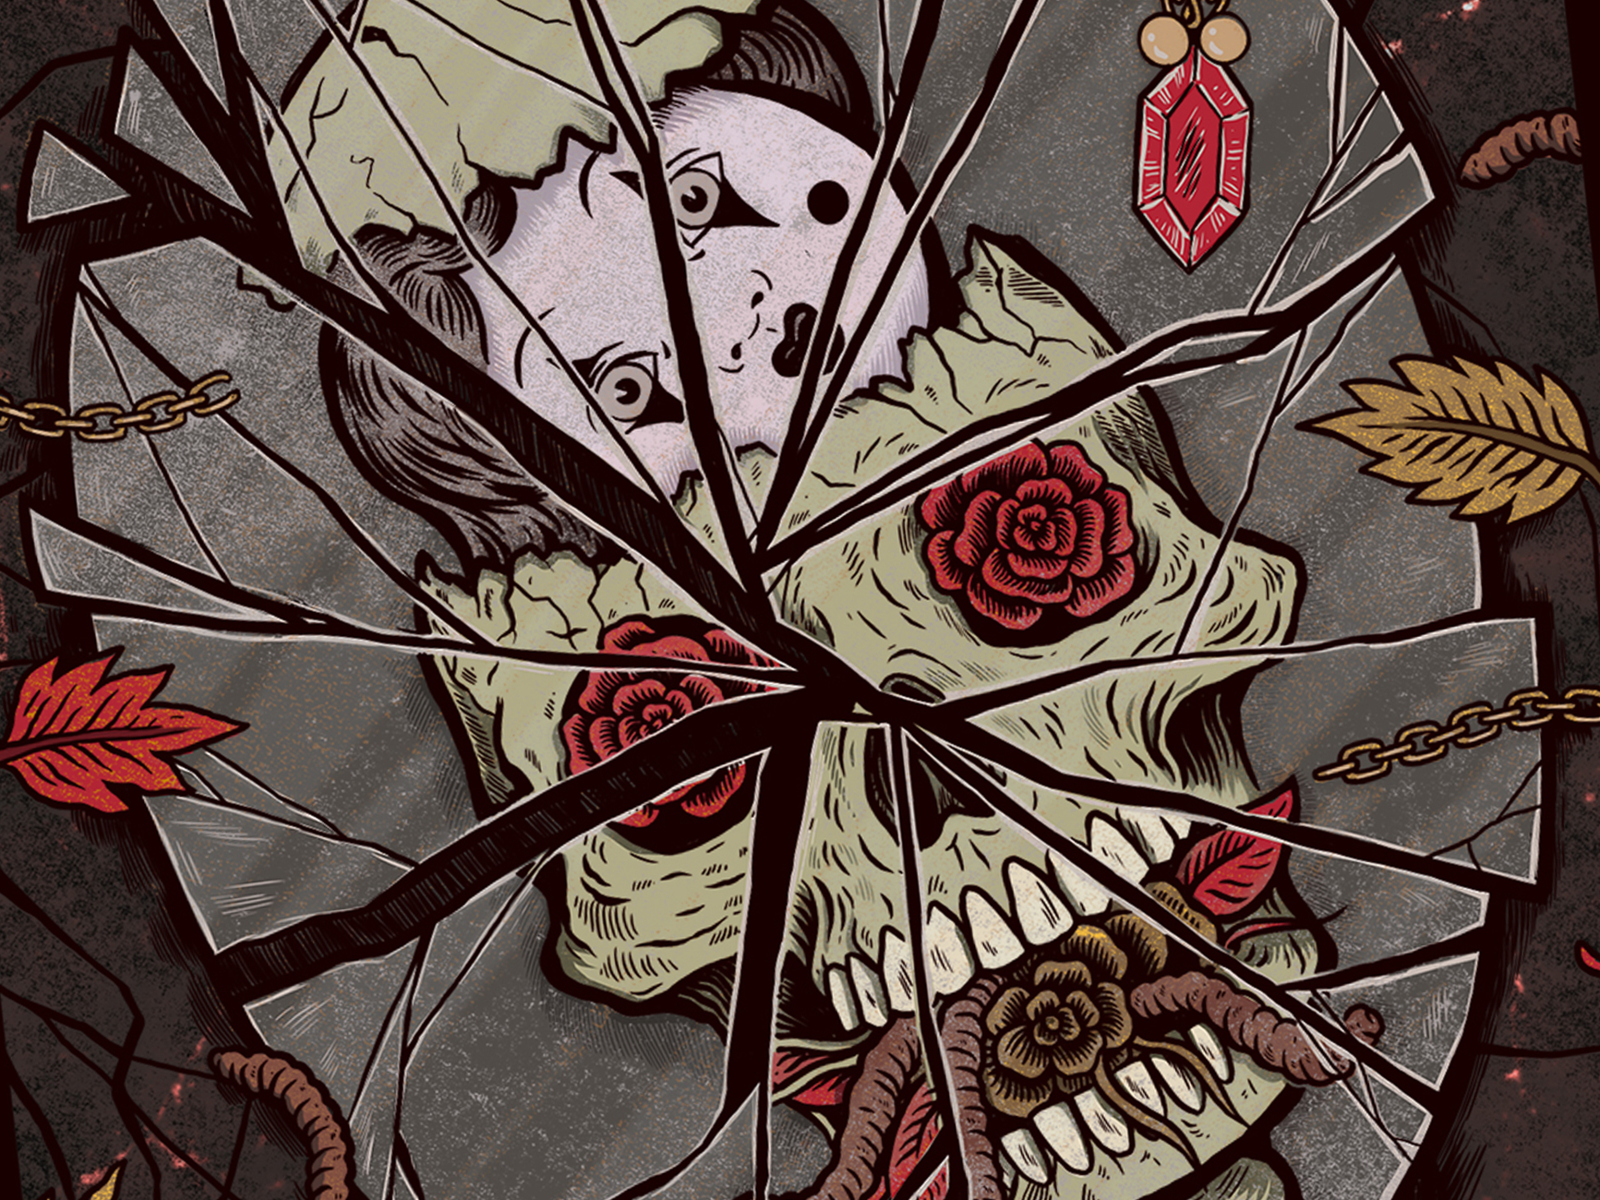 Kerrang Korn Art Print By Sam Dunn On Dribbble